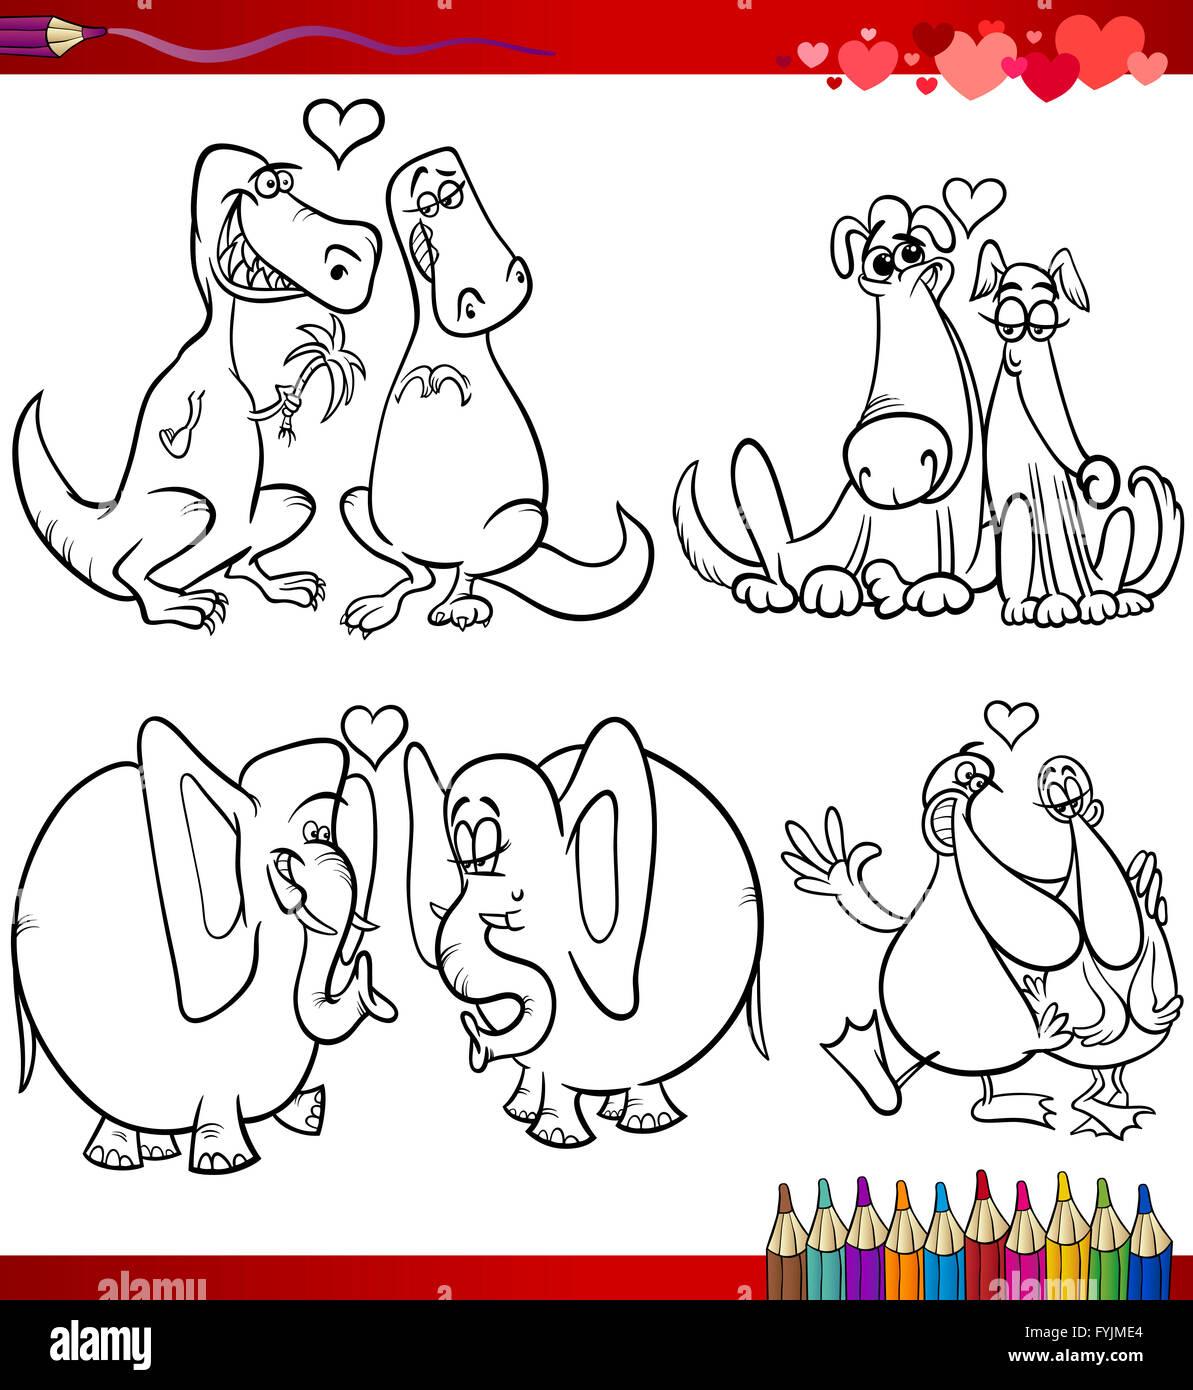 Valentinstag Cartoon Themen Zum Ausmalen Stockfoto Bild 103058764